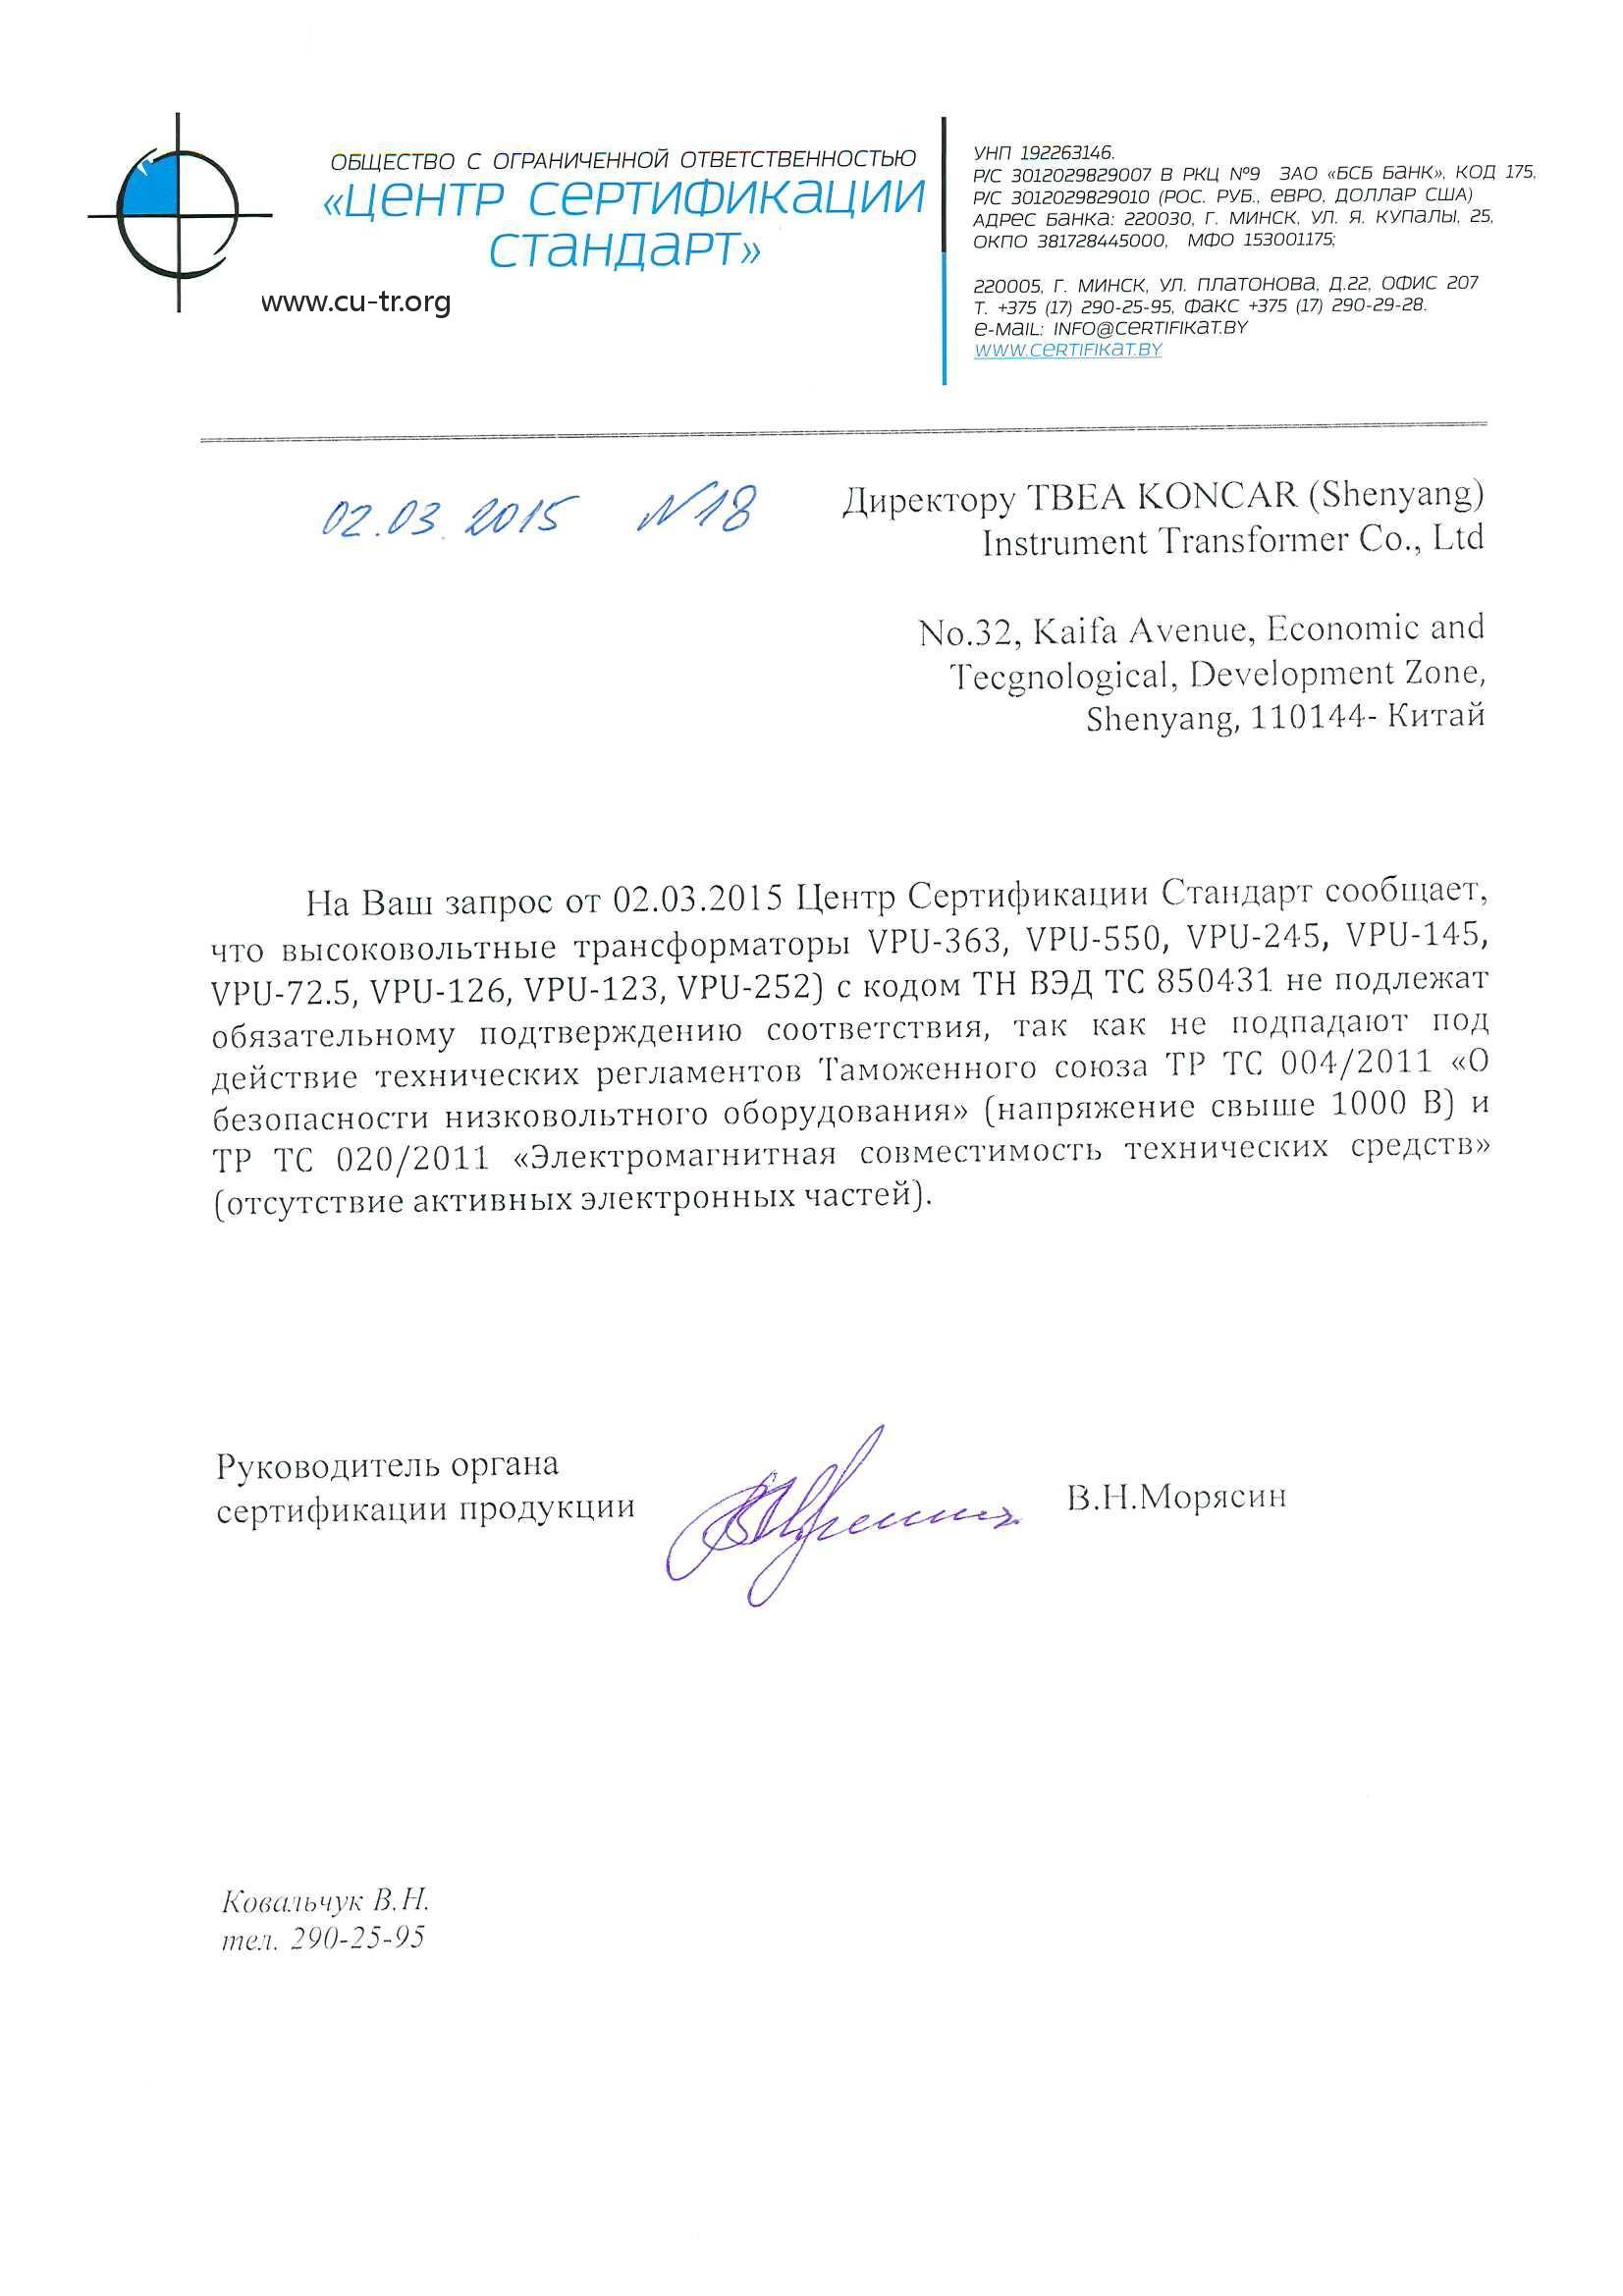 白俄罗斯认证,白俄罗斯豁免函,BelarusExemption Lette